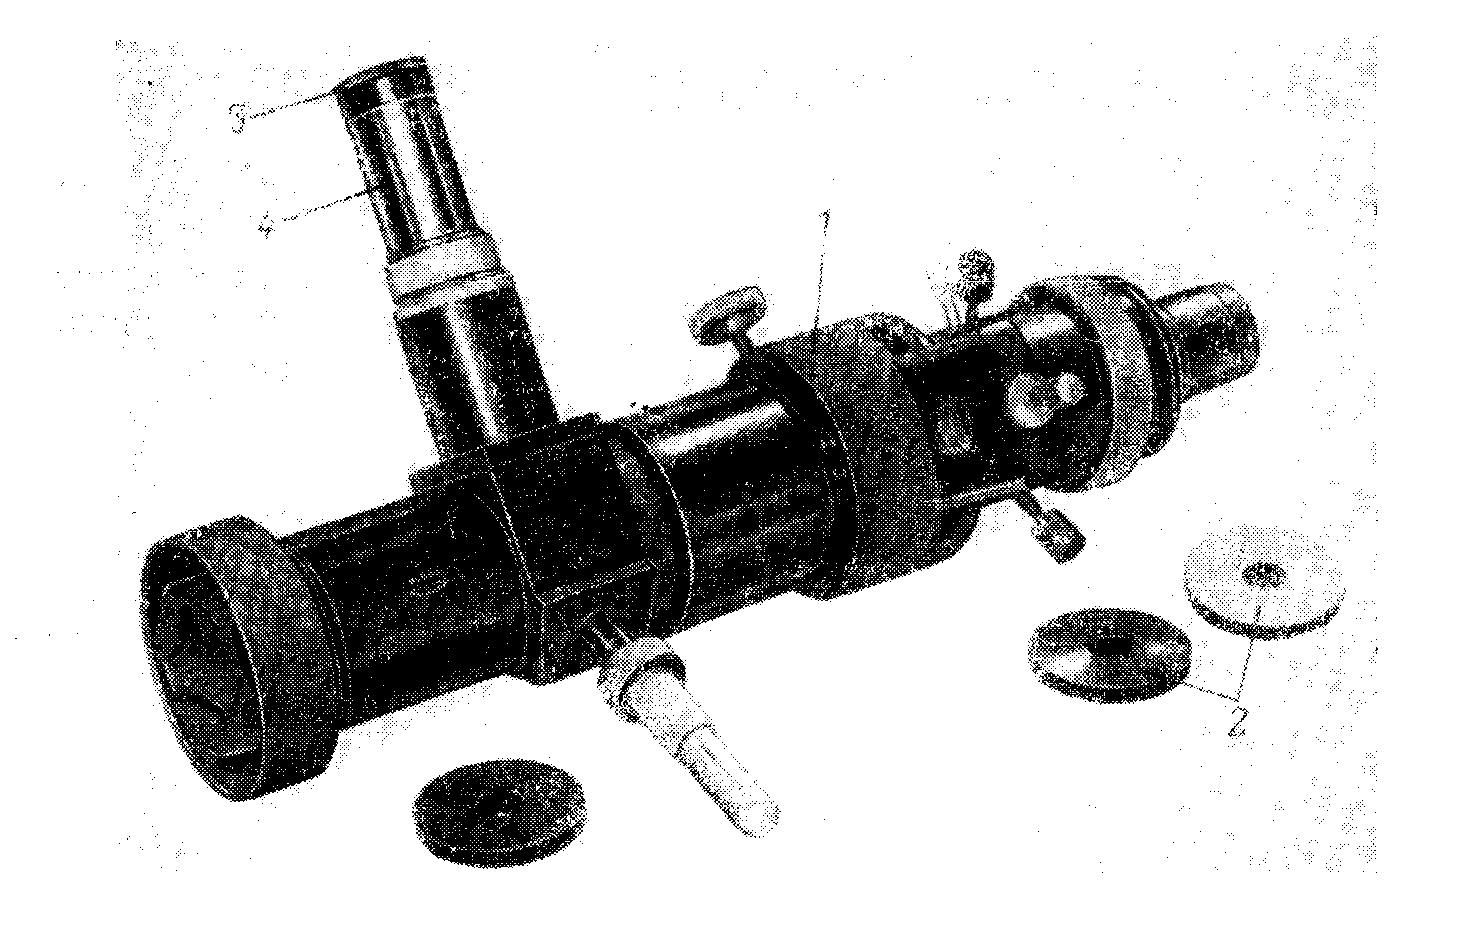 кф-3 рис. 1